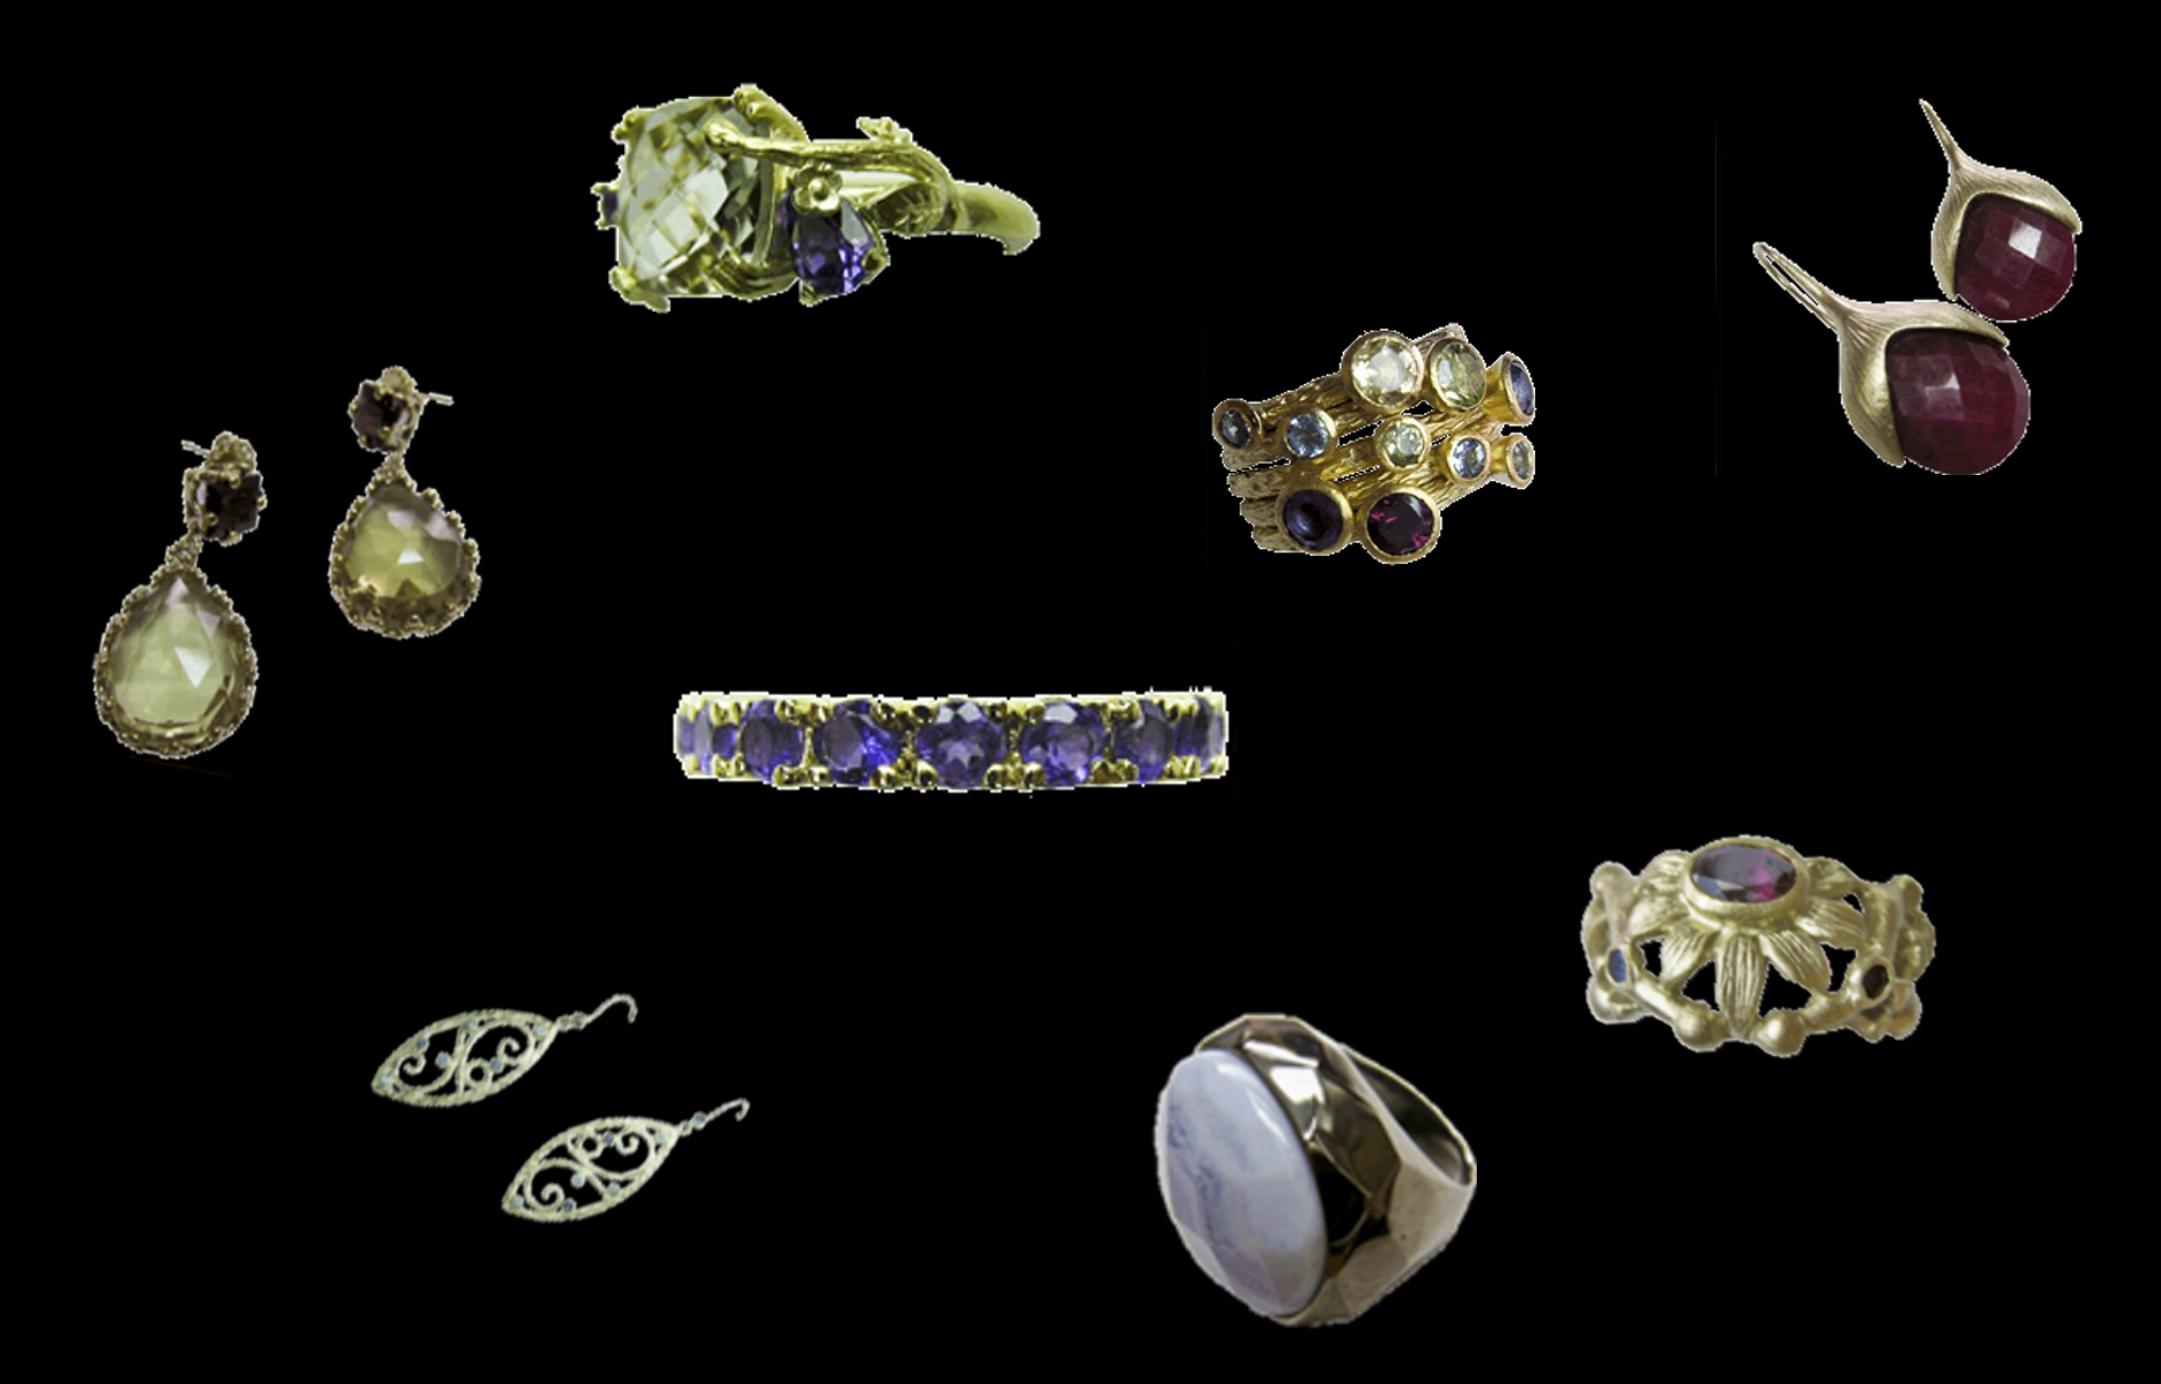 INDIE; Šperky s drahokamy